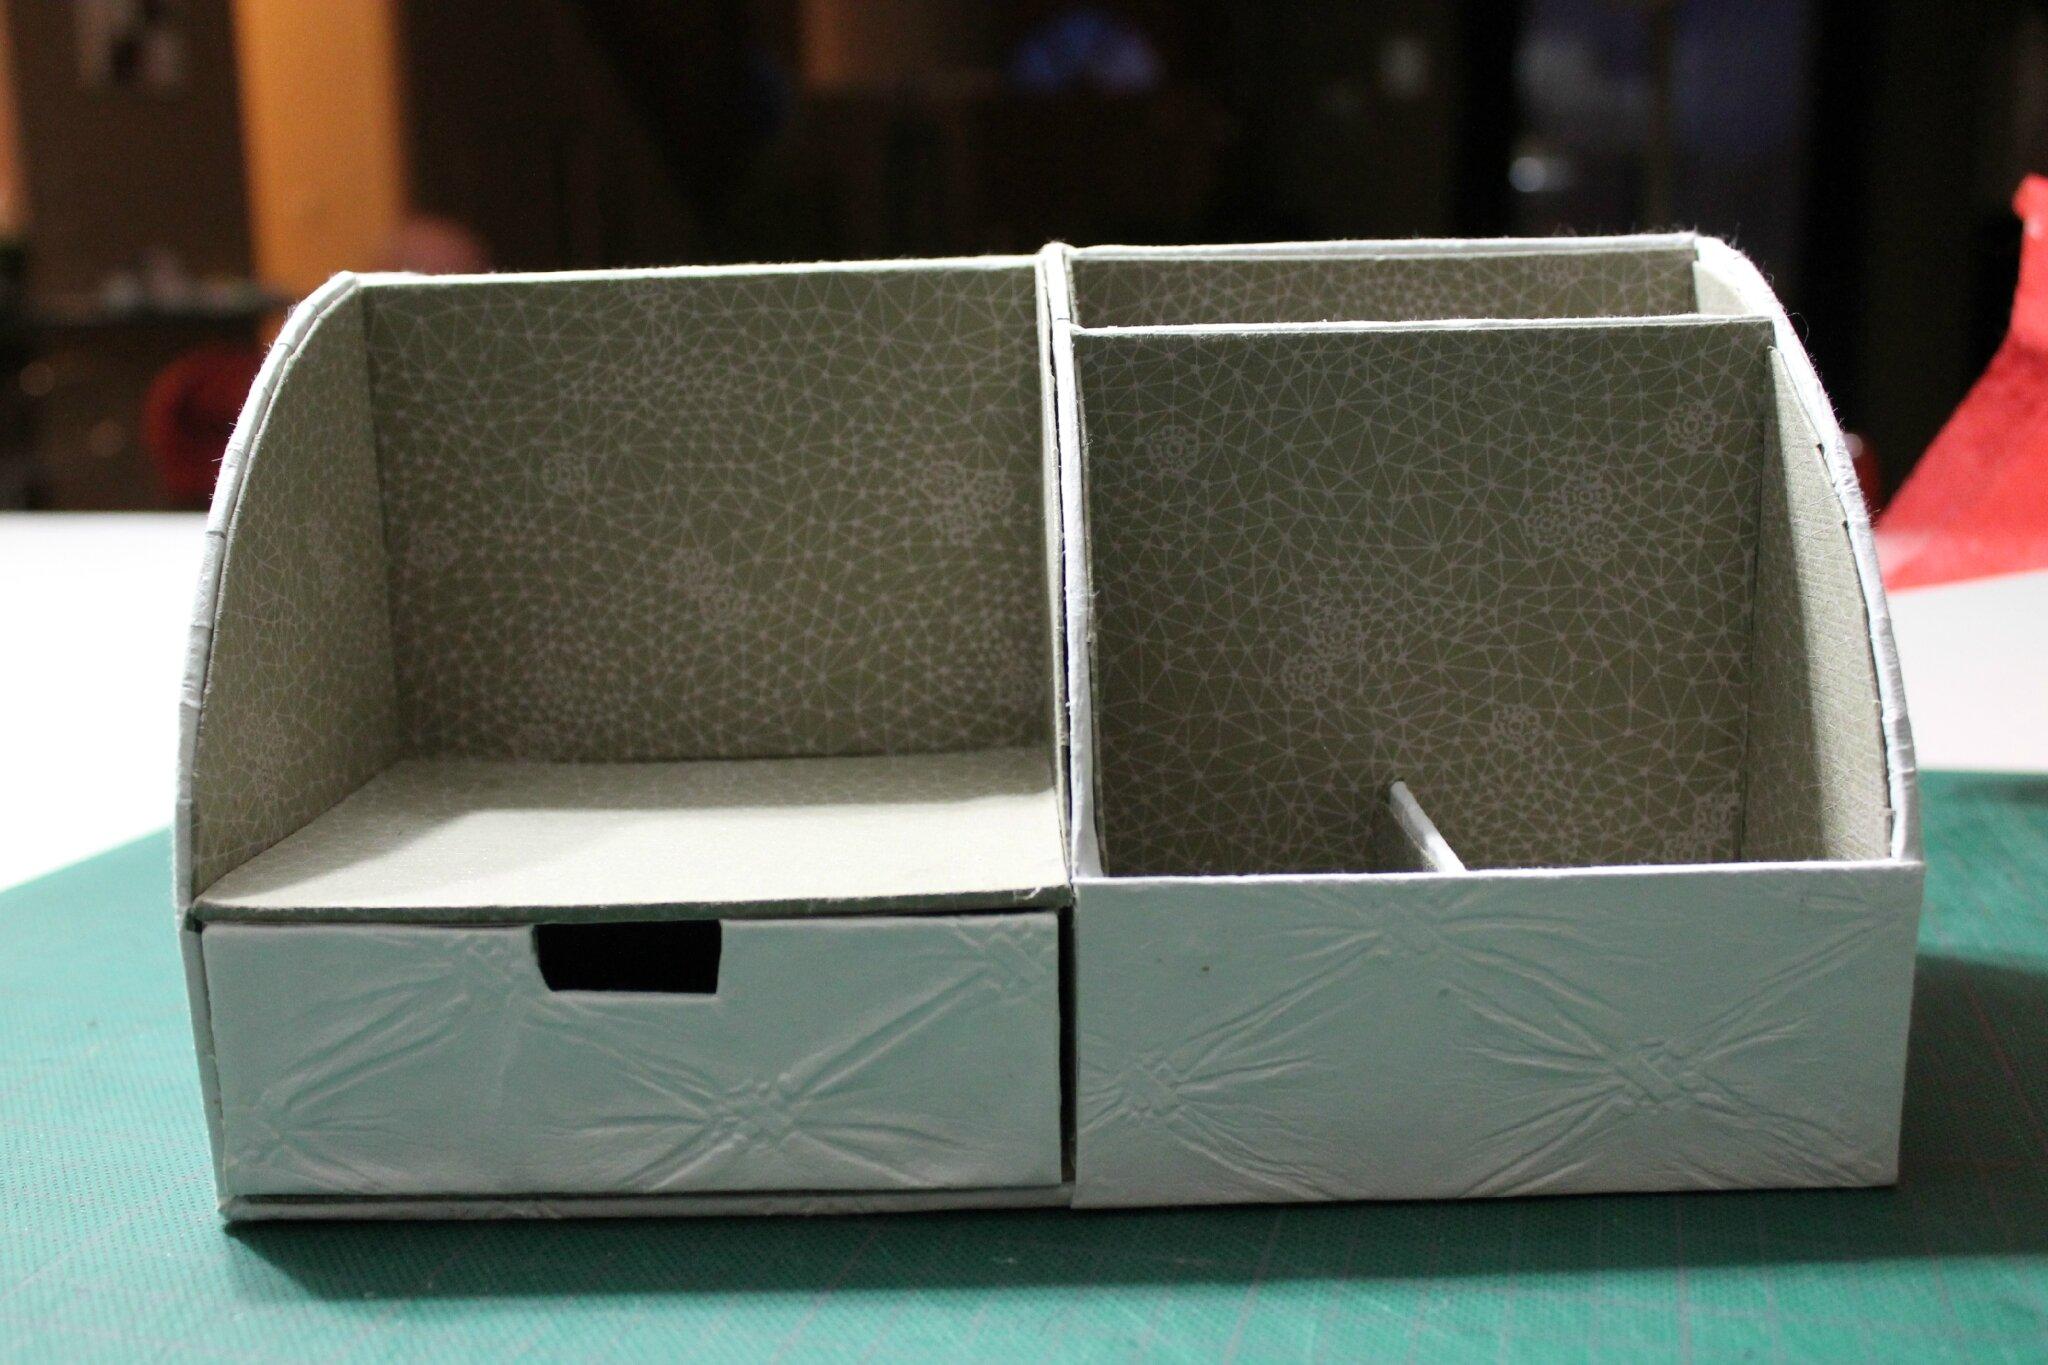 organisateur de bureau fin d d cartonne. Black Bedroom Furniture Sets. Home Design Ideas